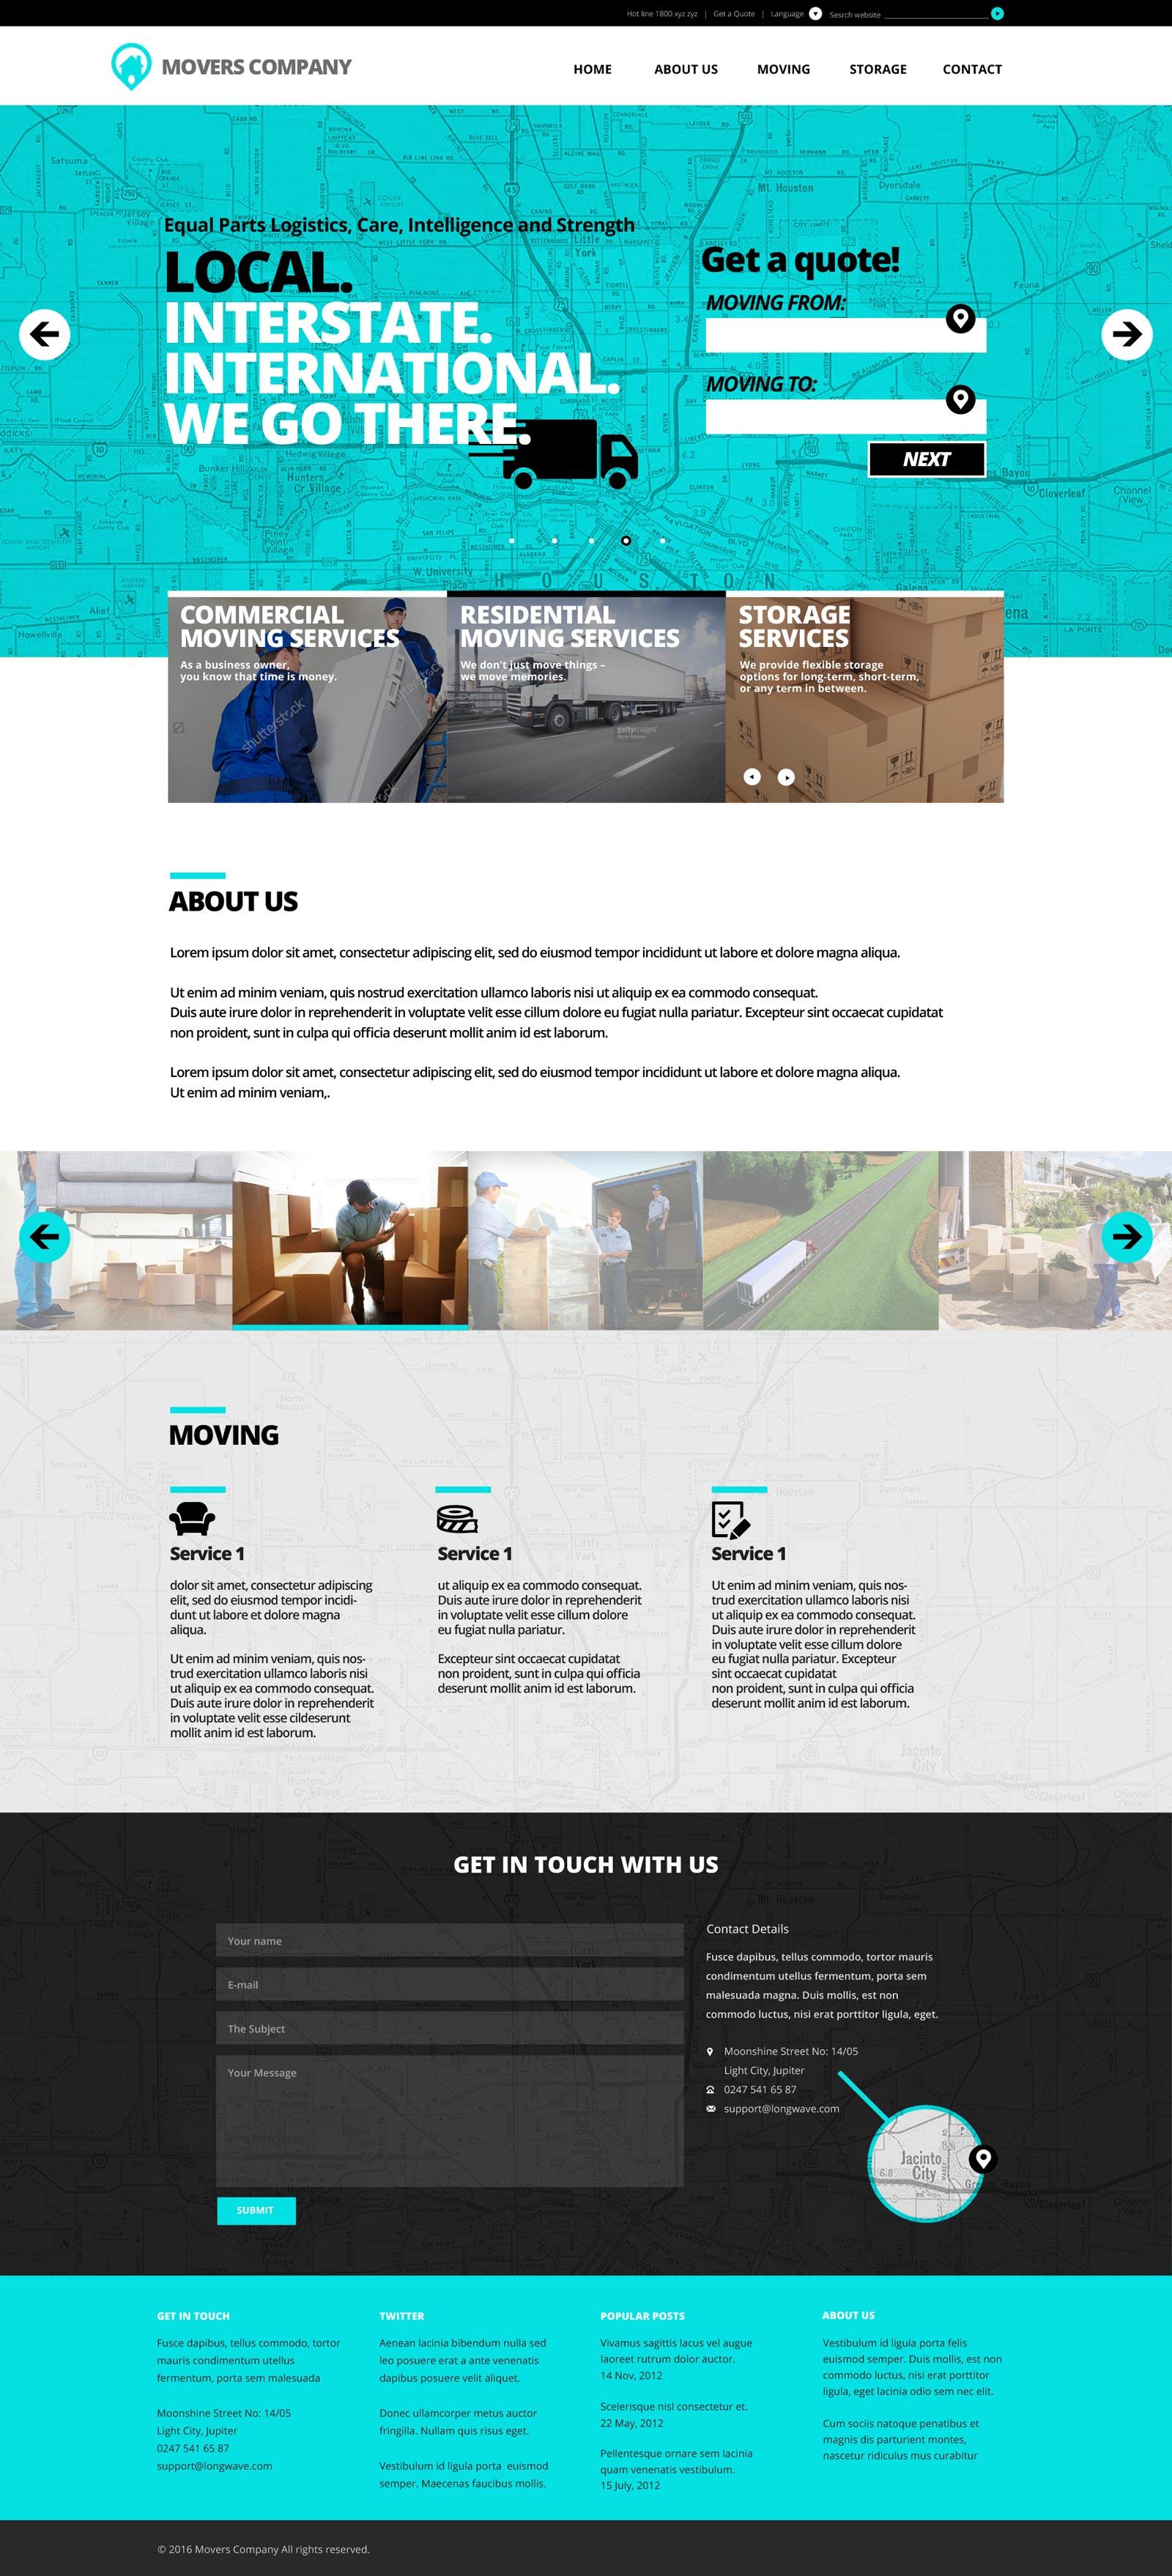 Design 2 Turquoise